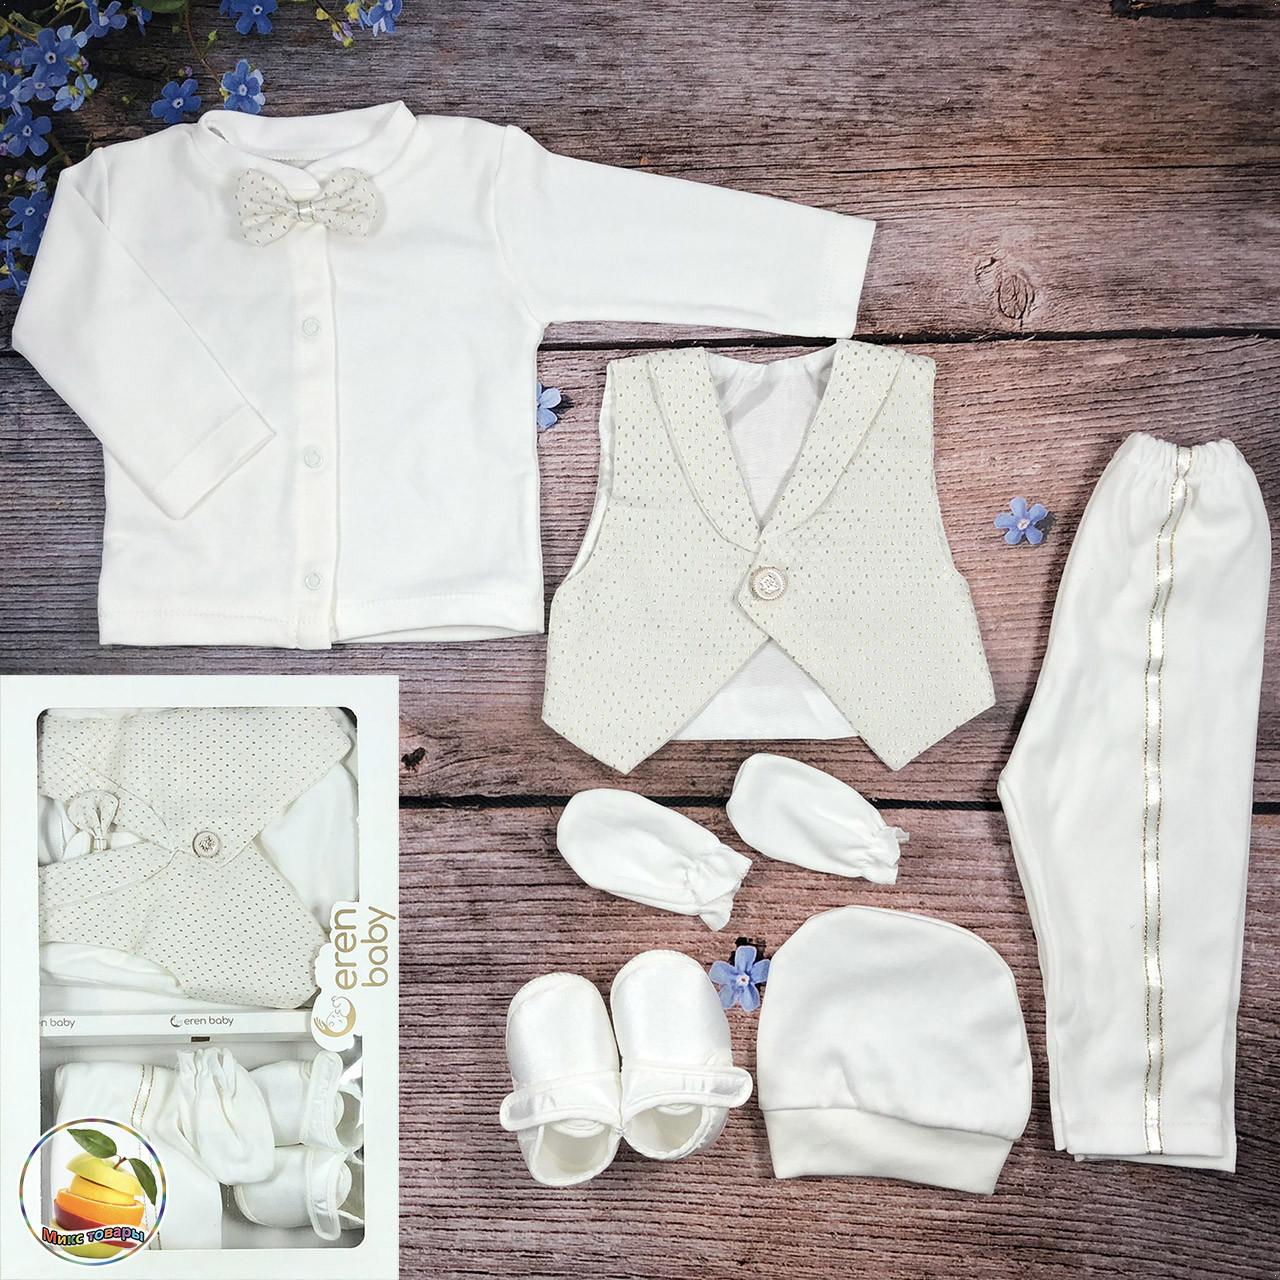 Крестильный набор для малыша Размер: 0-3 месяца (8895)